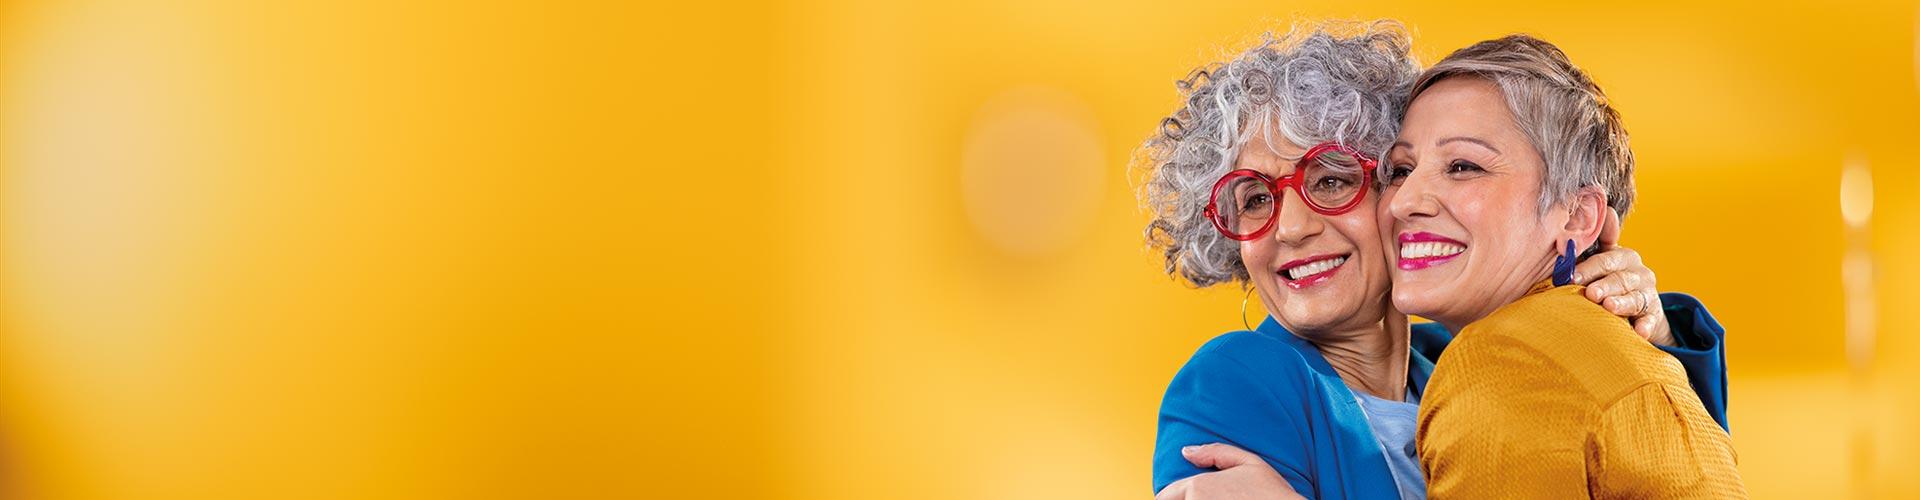 兩個中年婦女互相擁抱。 其中一個佩戴Philips HearLink耳內幾乎看不見的助聽器。